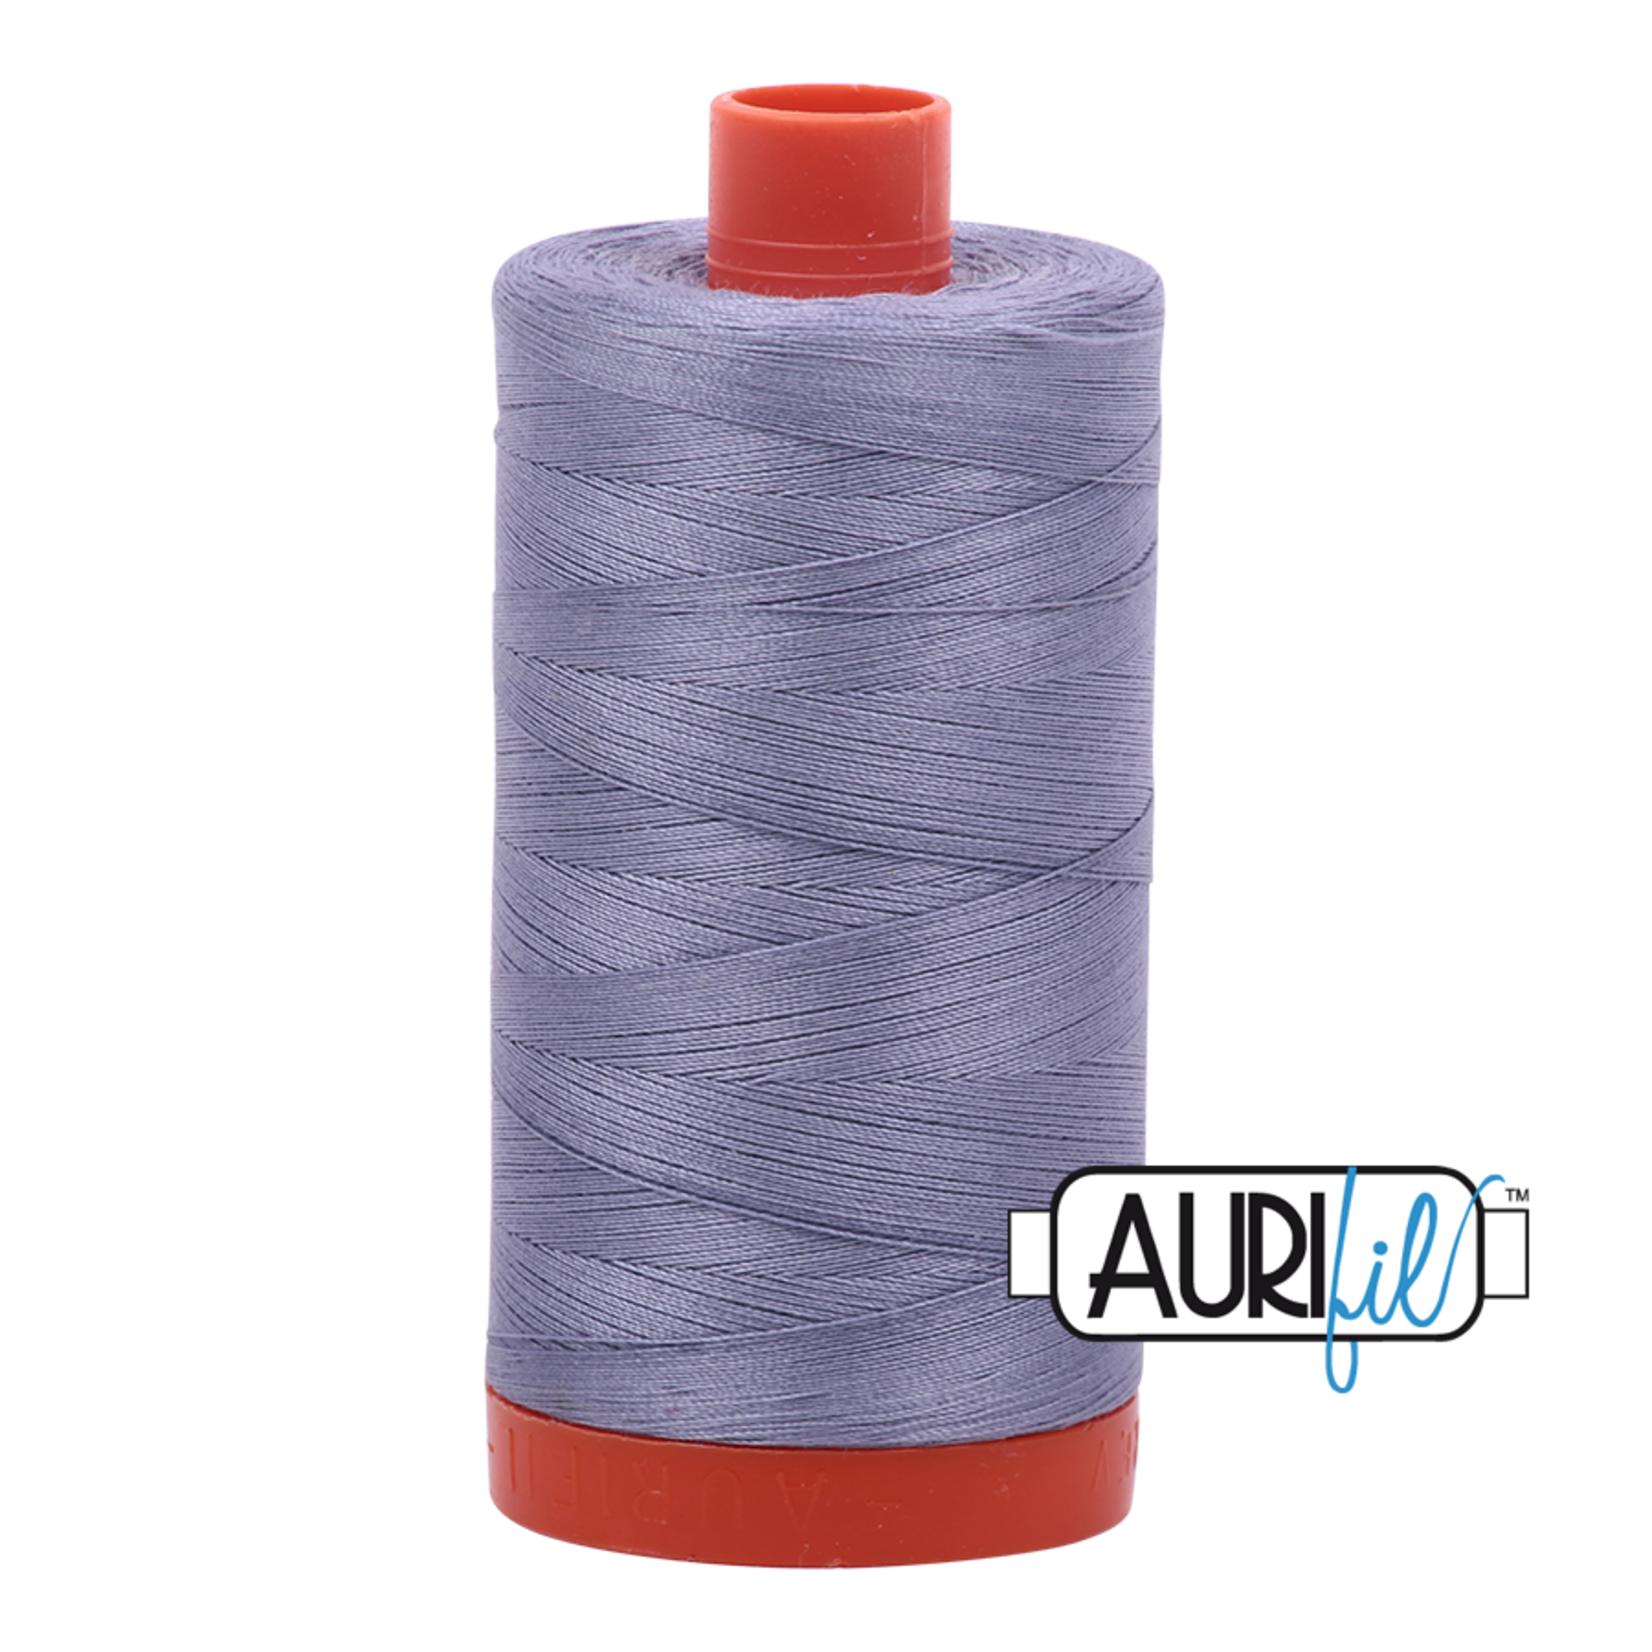 AURIFIL AURIFIL 50 WT Grey Violet 2524